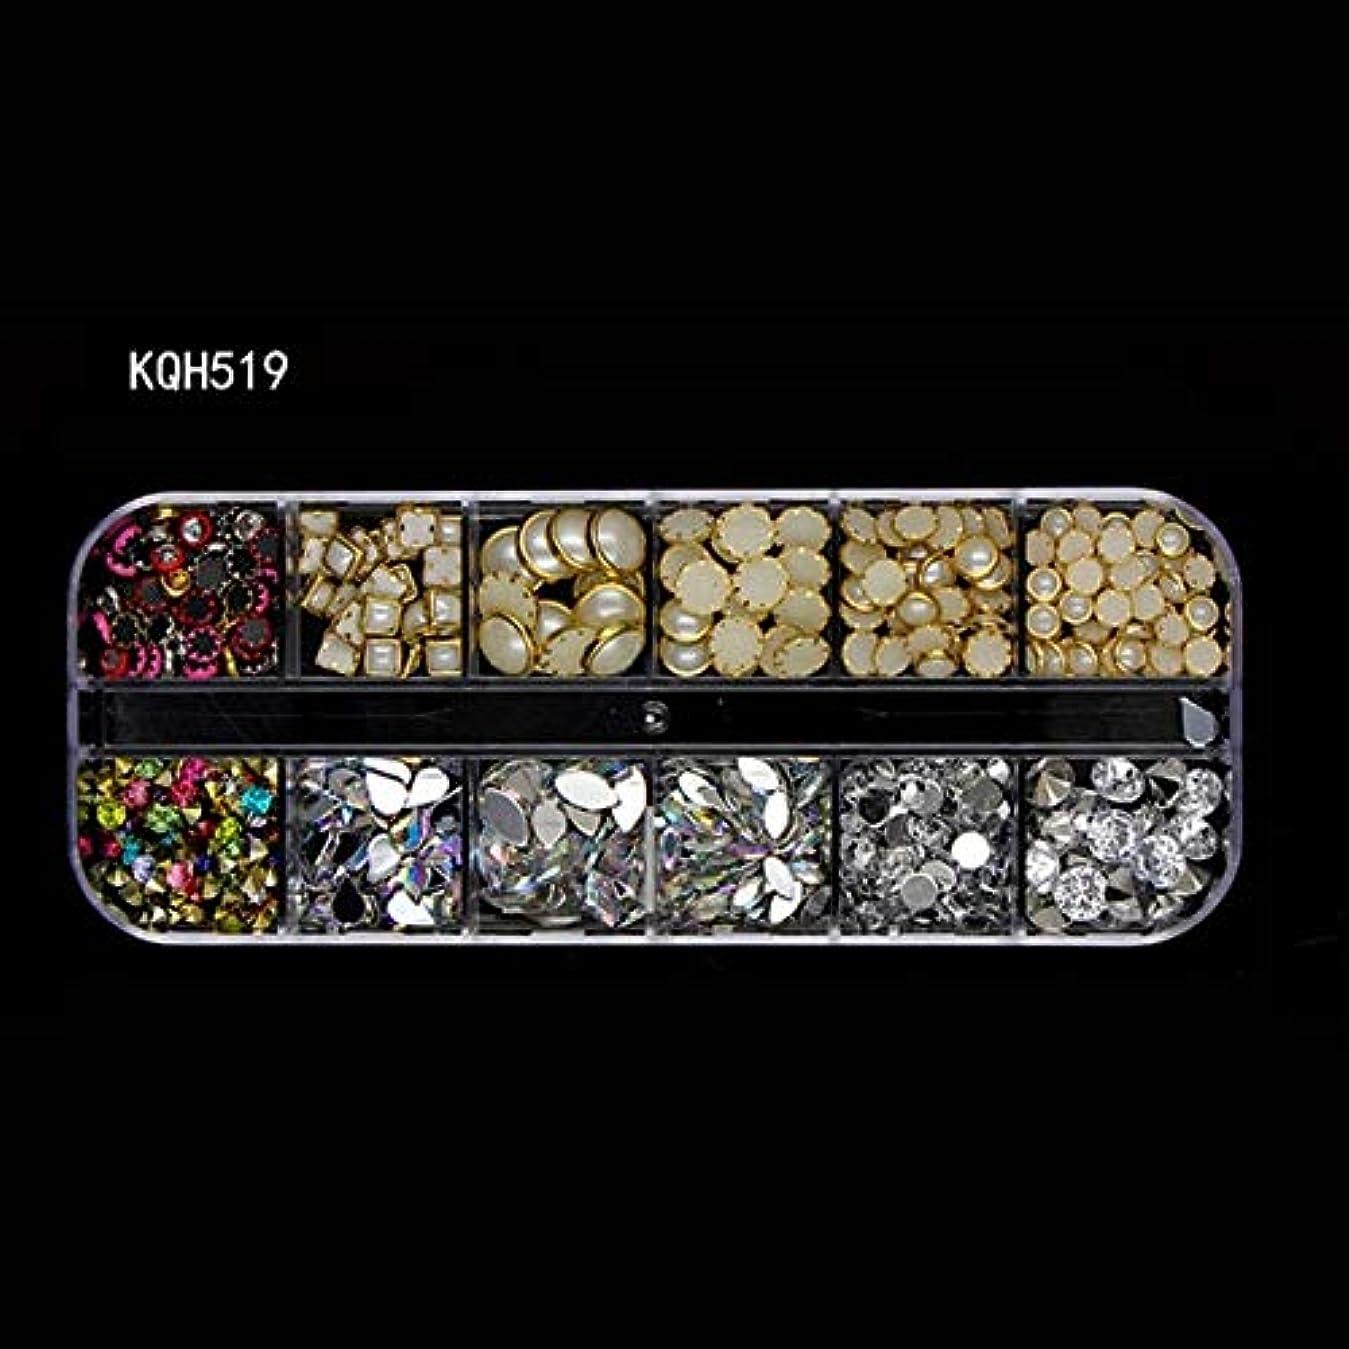 責任研磨売るYan 3ピースラインストーン3dクリスタルクリアストーン宝石真珠diyネイルアートデコレーション(KQH465) (色 : KQH519)